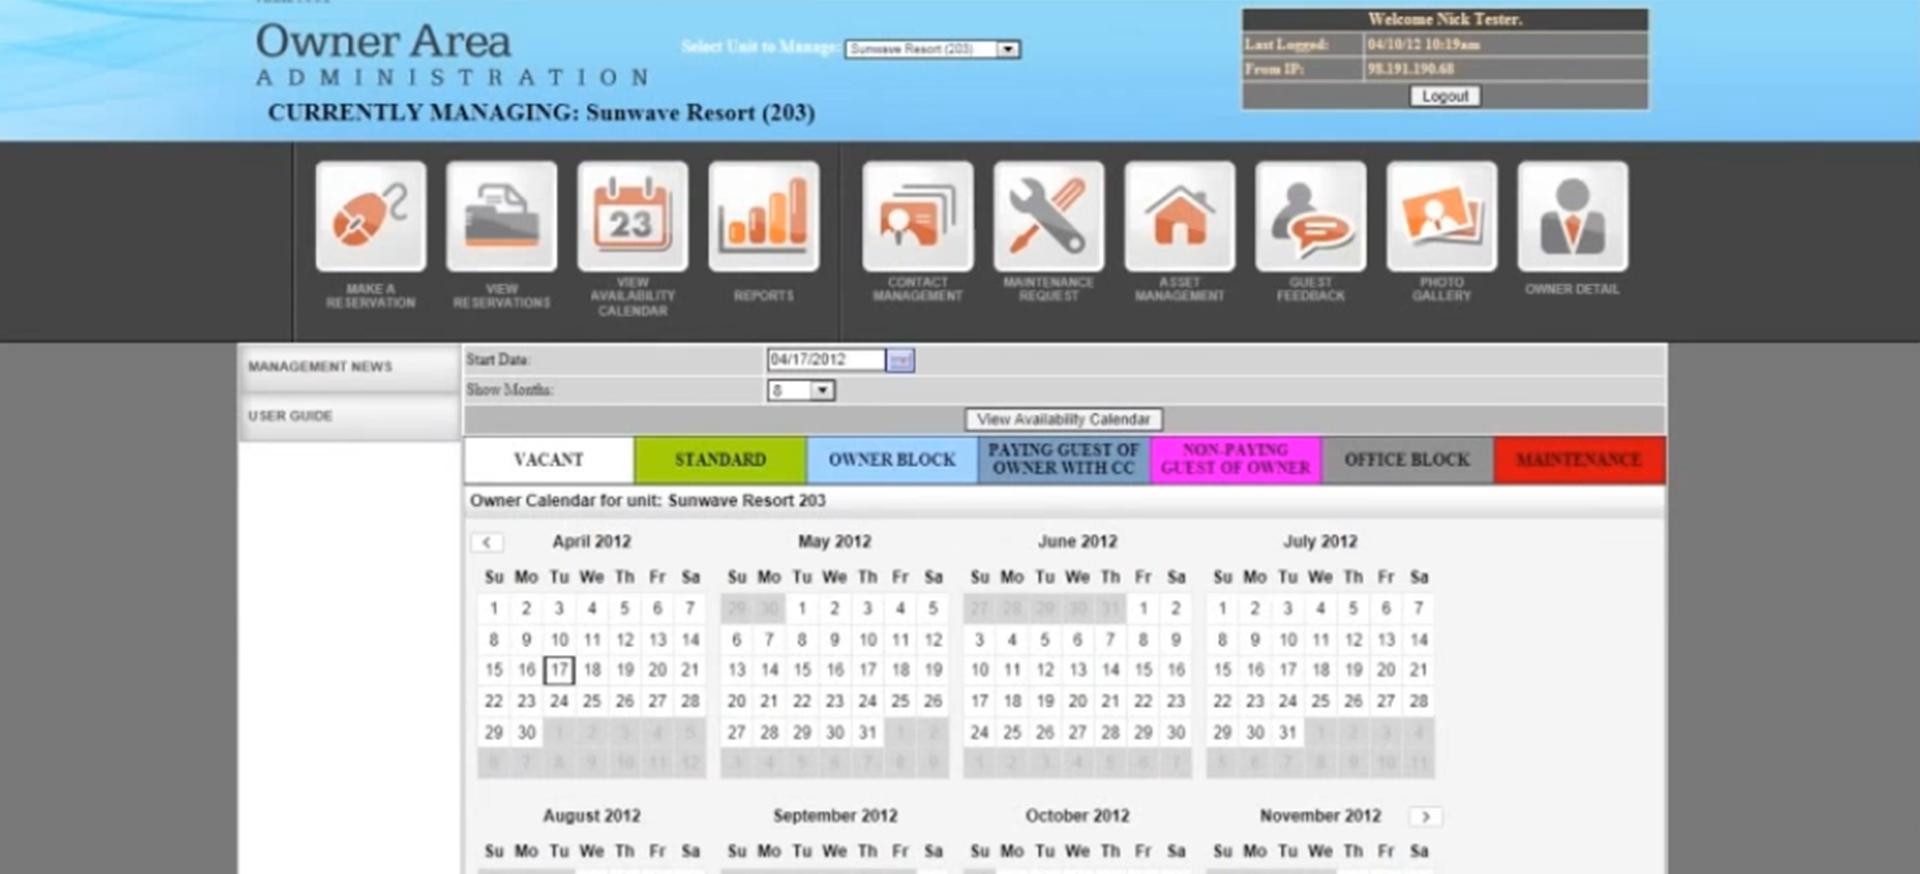 Streamline owner portal